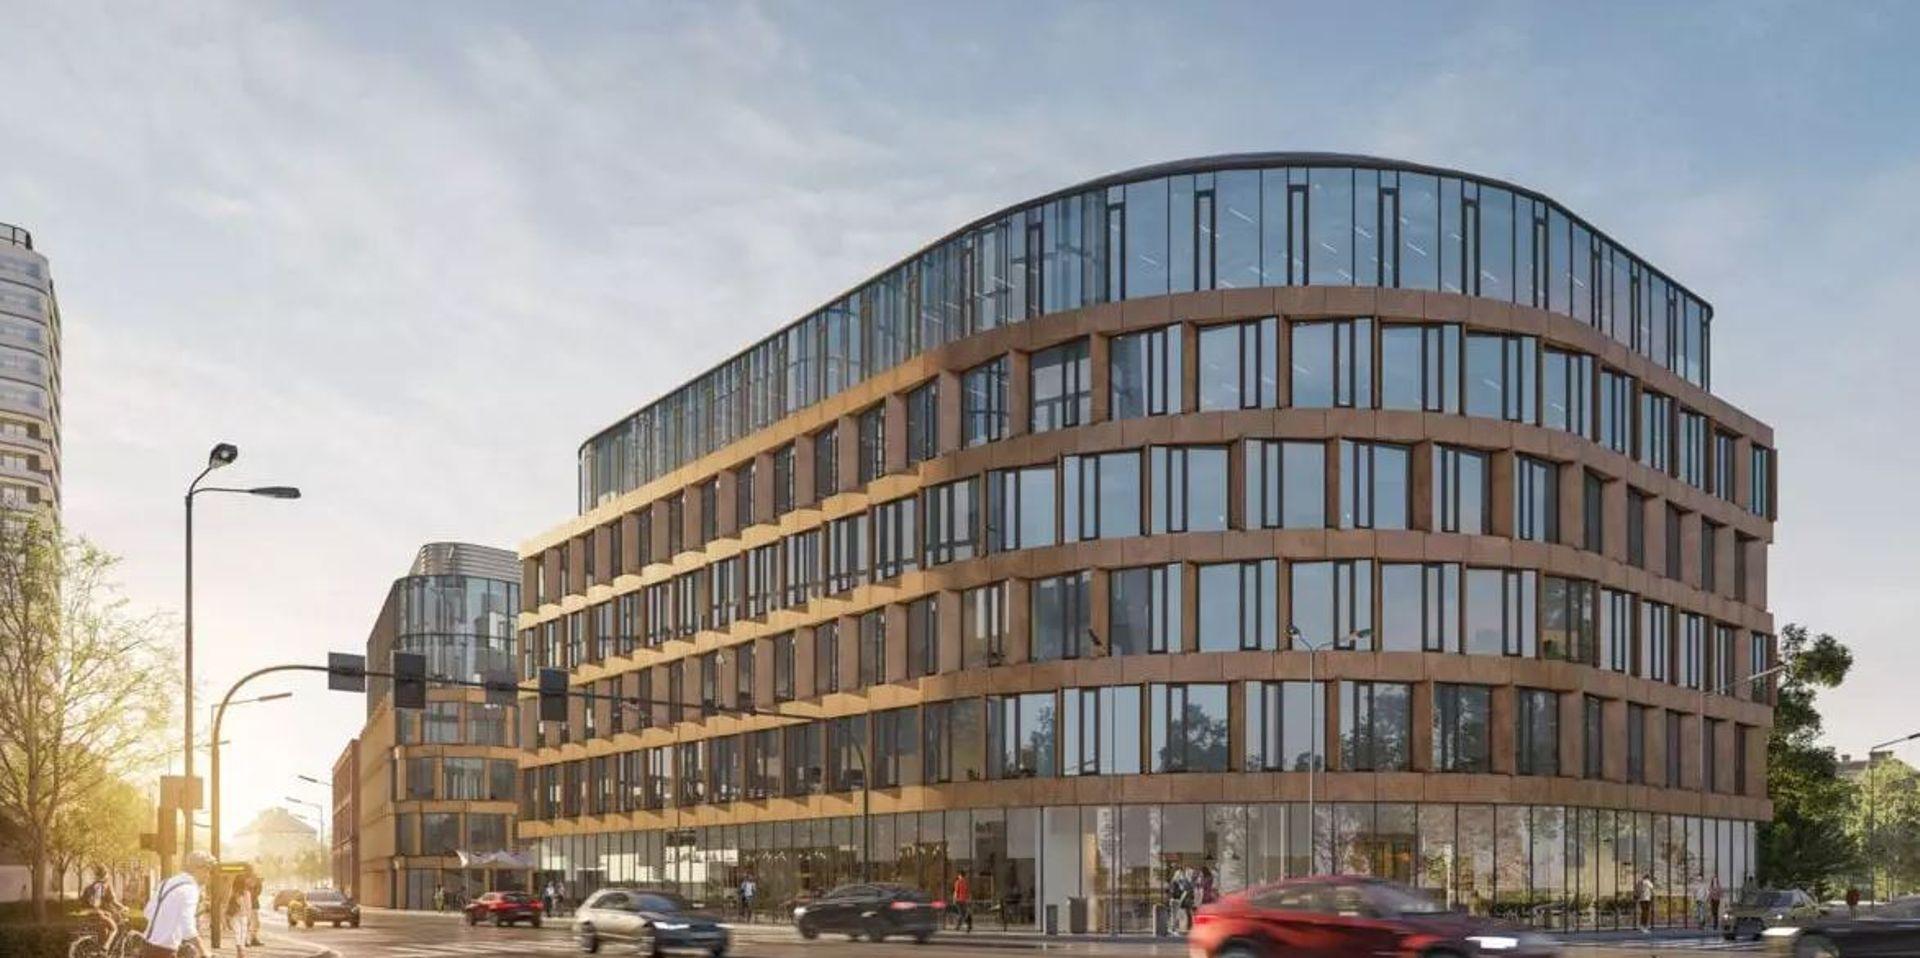 W centrum Wrocławia zamiast hotelu powstanie nowy biurowiec